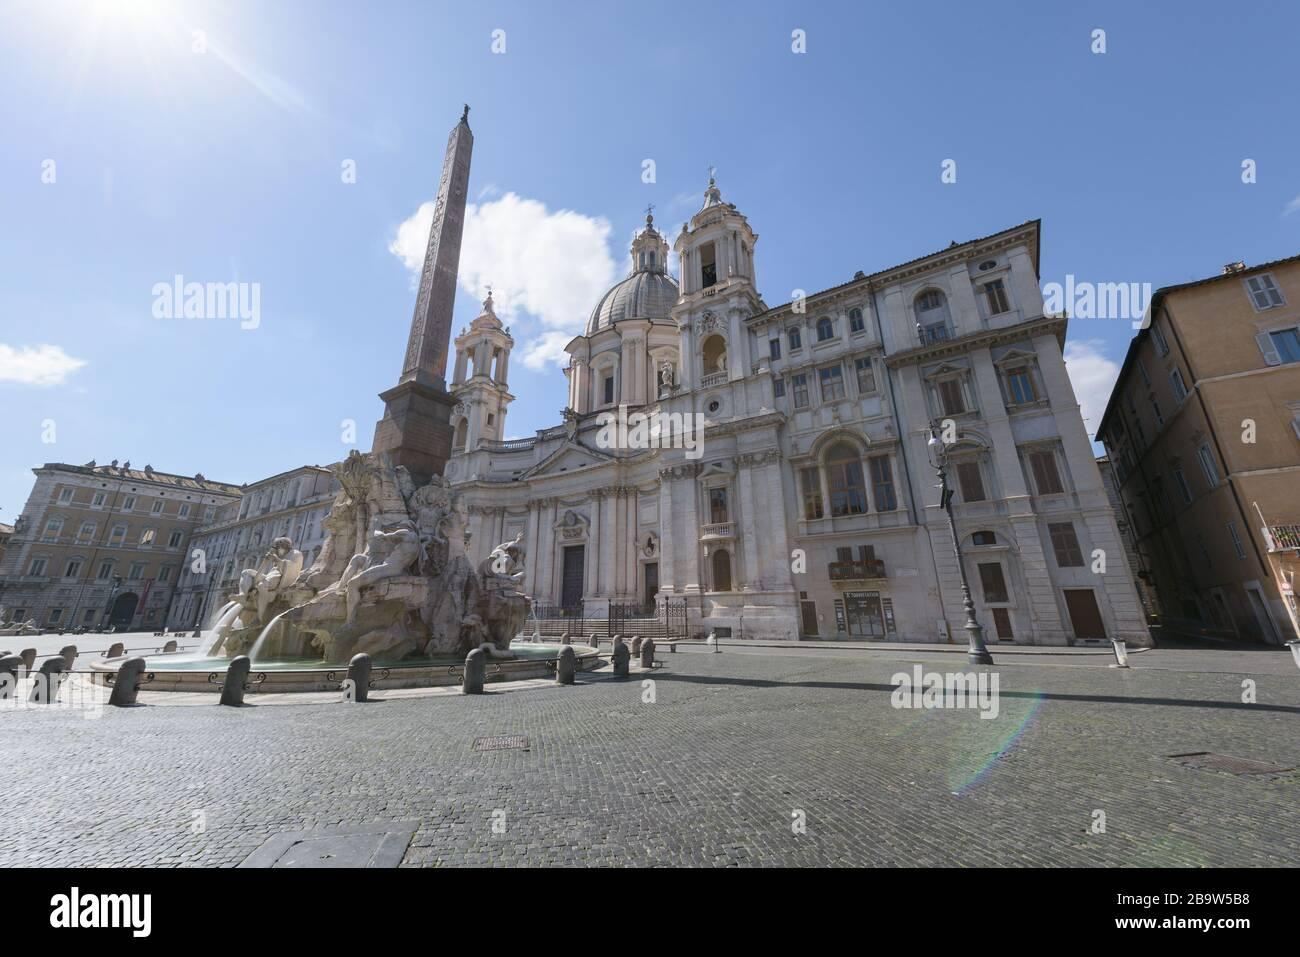 Roma, Italia-12 Mar 2020: Popular punto turístico Piazza Navona está vacío después de las medidas de confinamiento del coronavirus puestas en marcha por el gobierno, R. Foto de stock